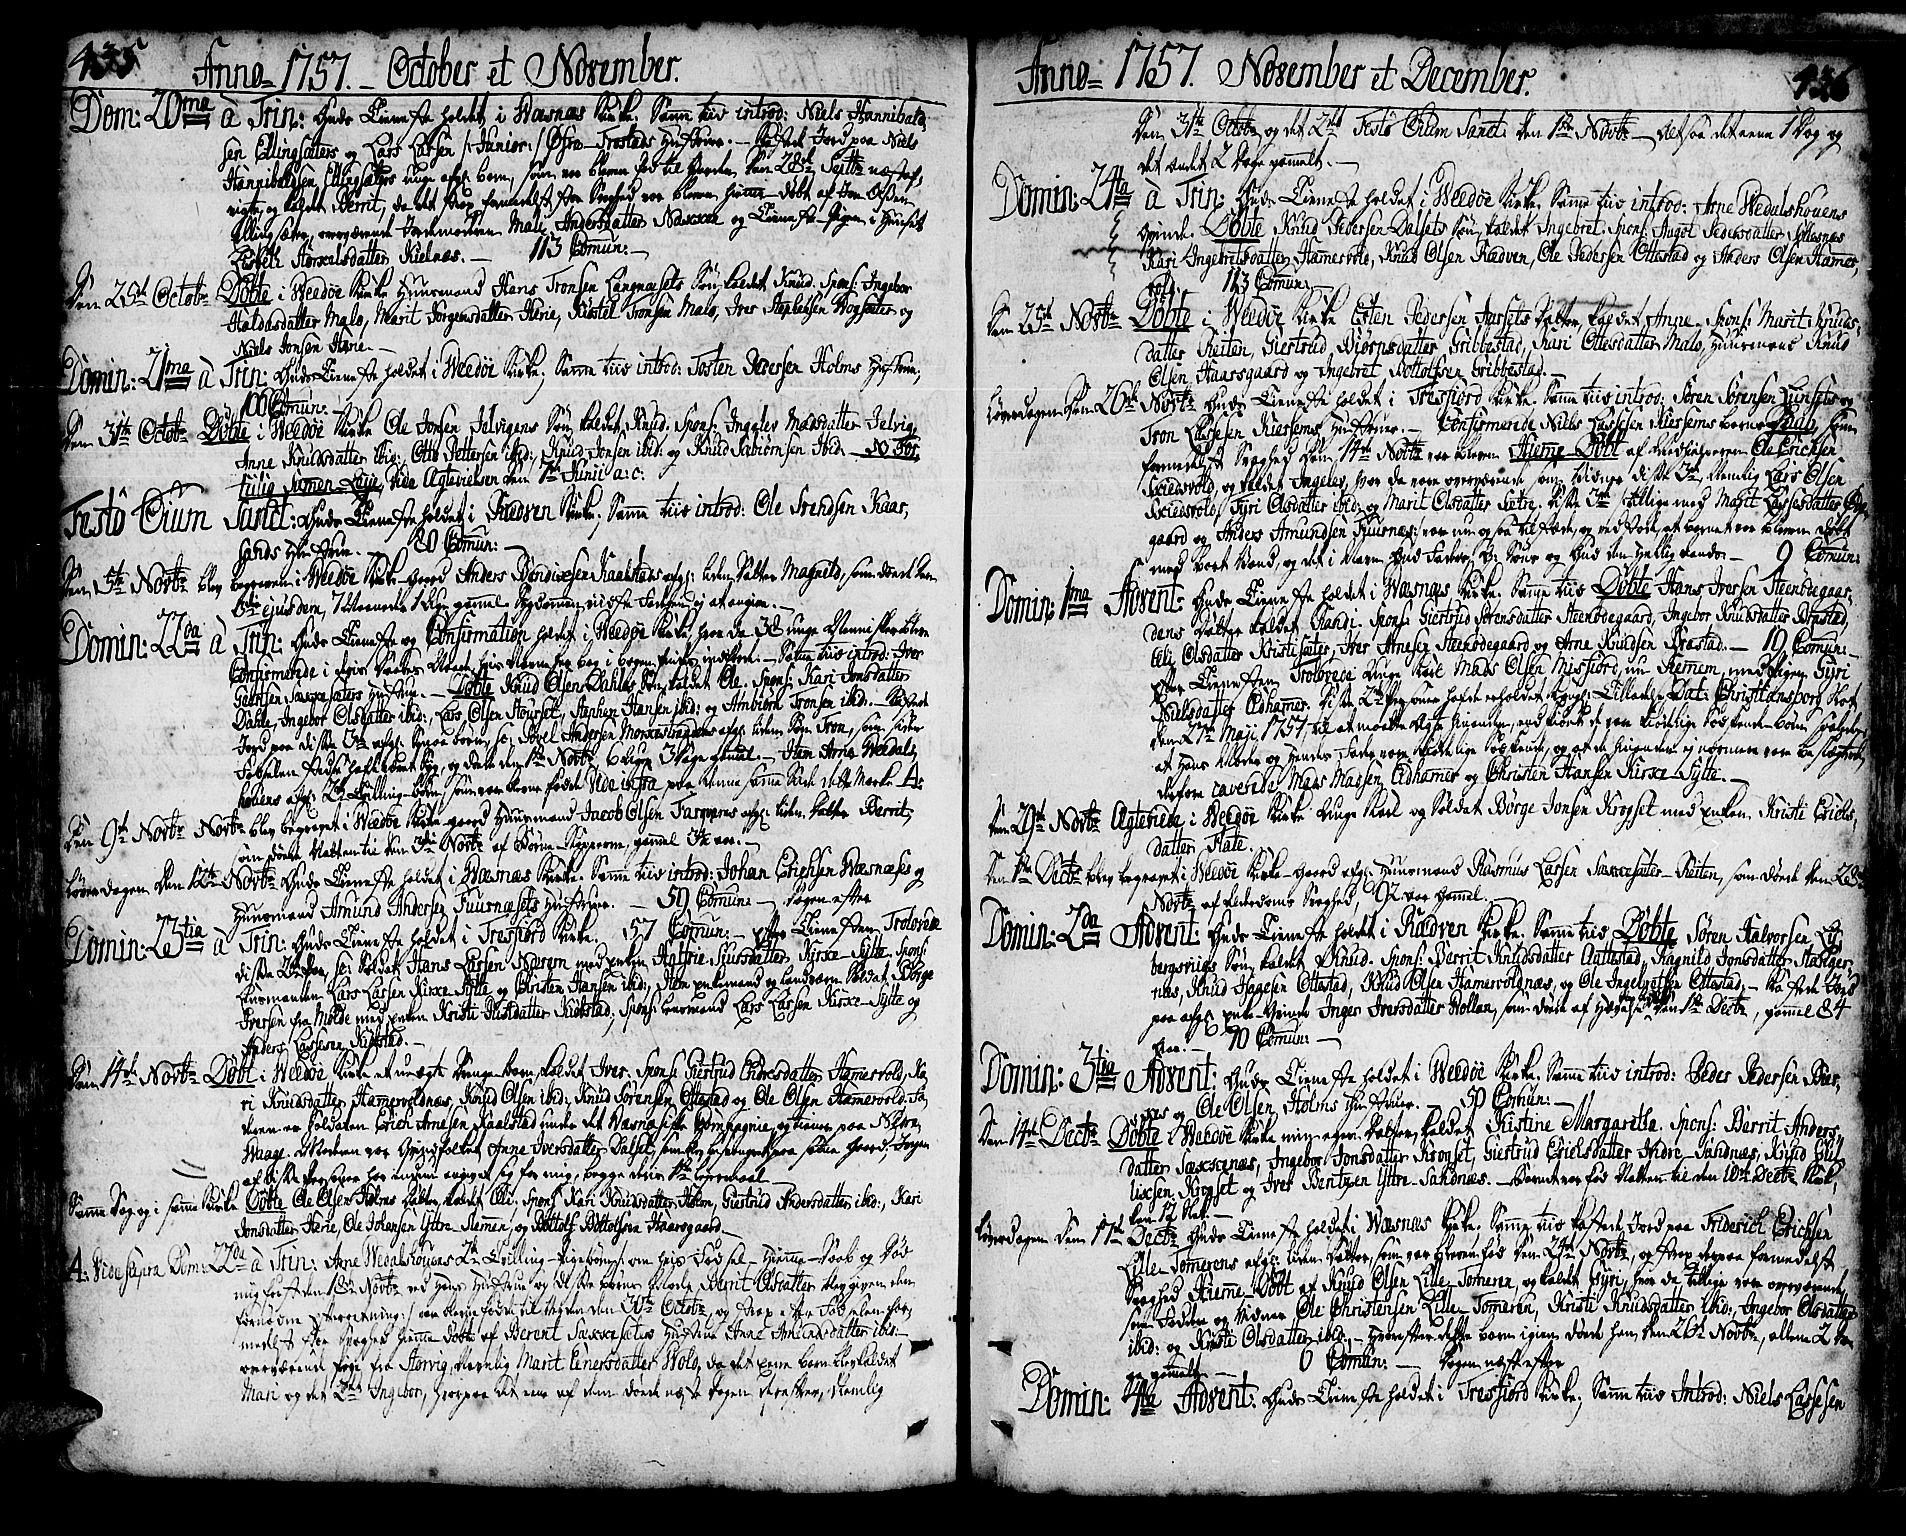 SAT, Ministerialprotokoller, klokkerbøker og fødselsregistre - Møre og Romsdal, 547/L0599: Ministerialbok nr. 547A01, 1721-1764, s. 435-436